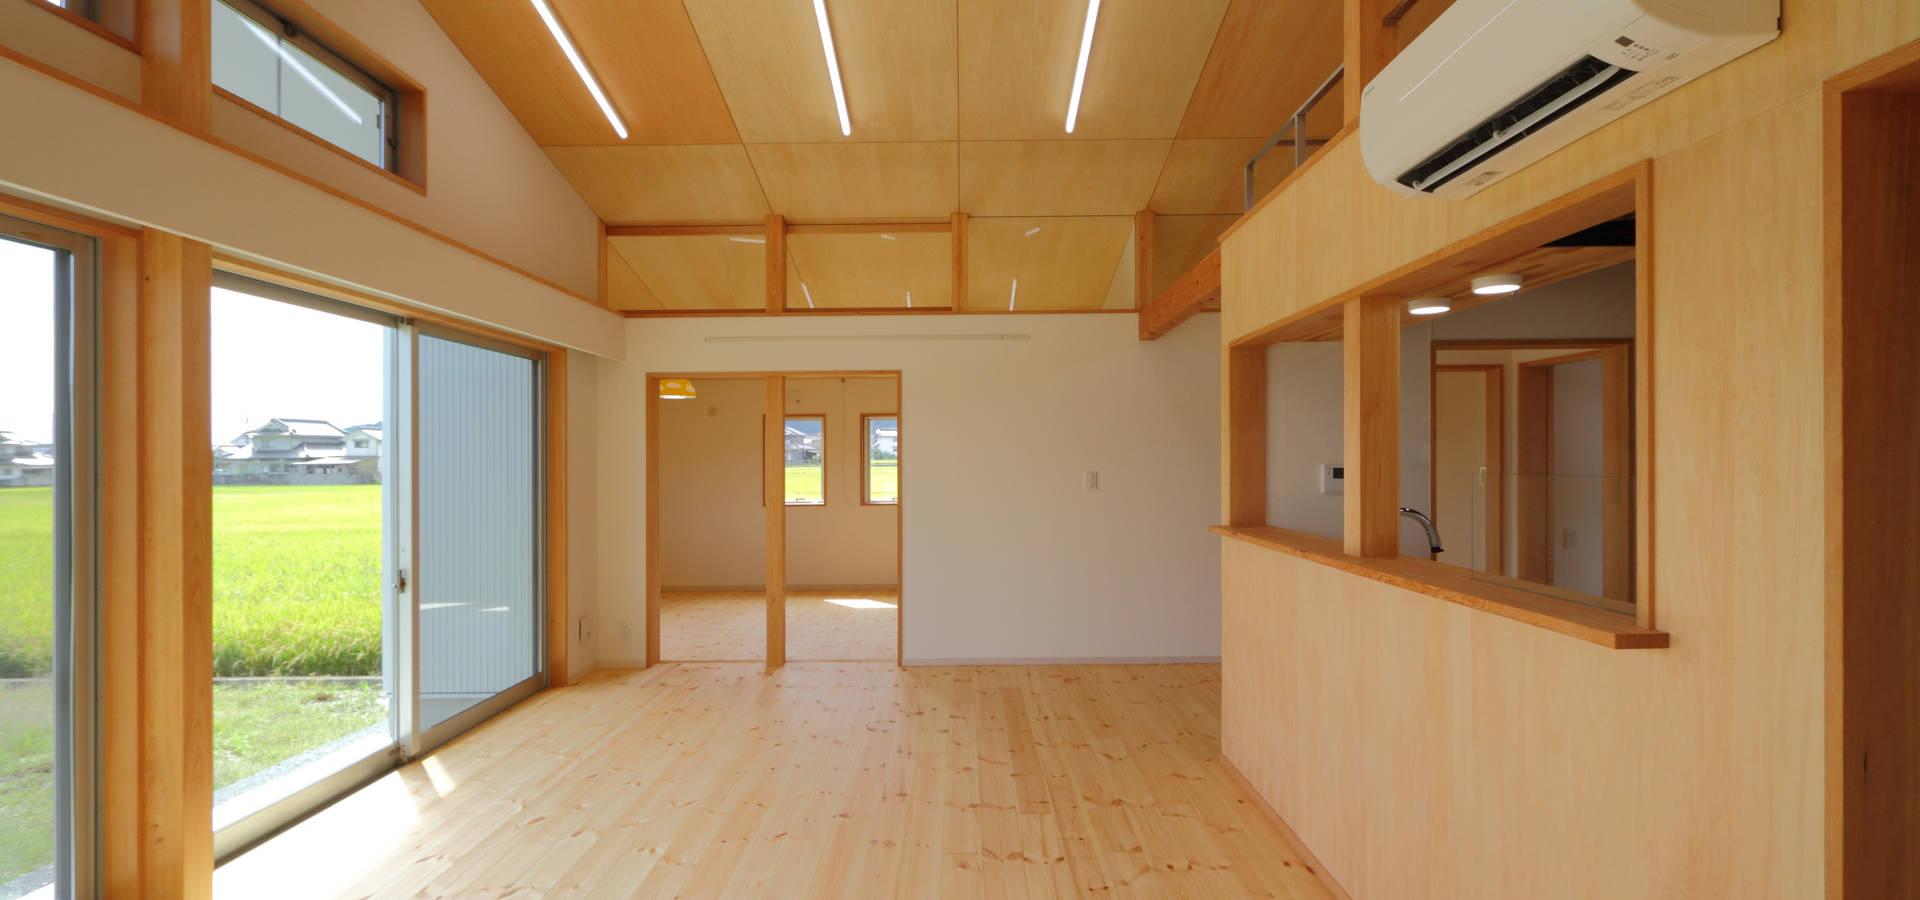 グッドサイトアーキテクツ一級建築士事務所